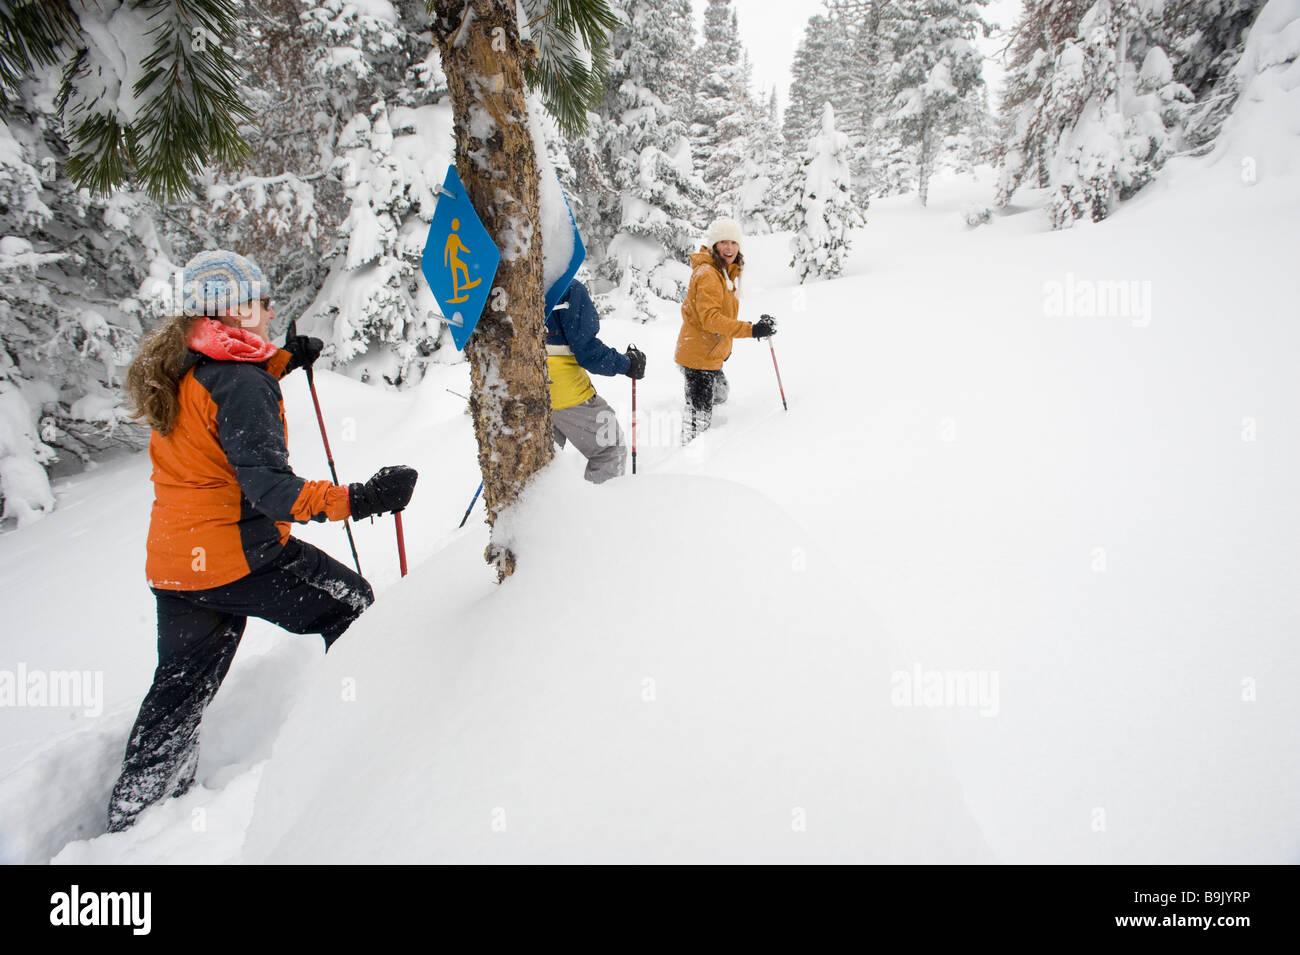 Vista posteriore di tre persone in racchette da neve con bastoncini da sci a camminare lungo un sentiero con racchette Immagini Stock